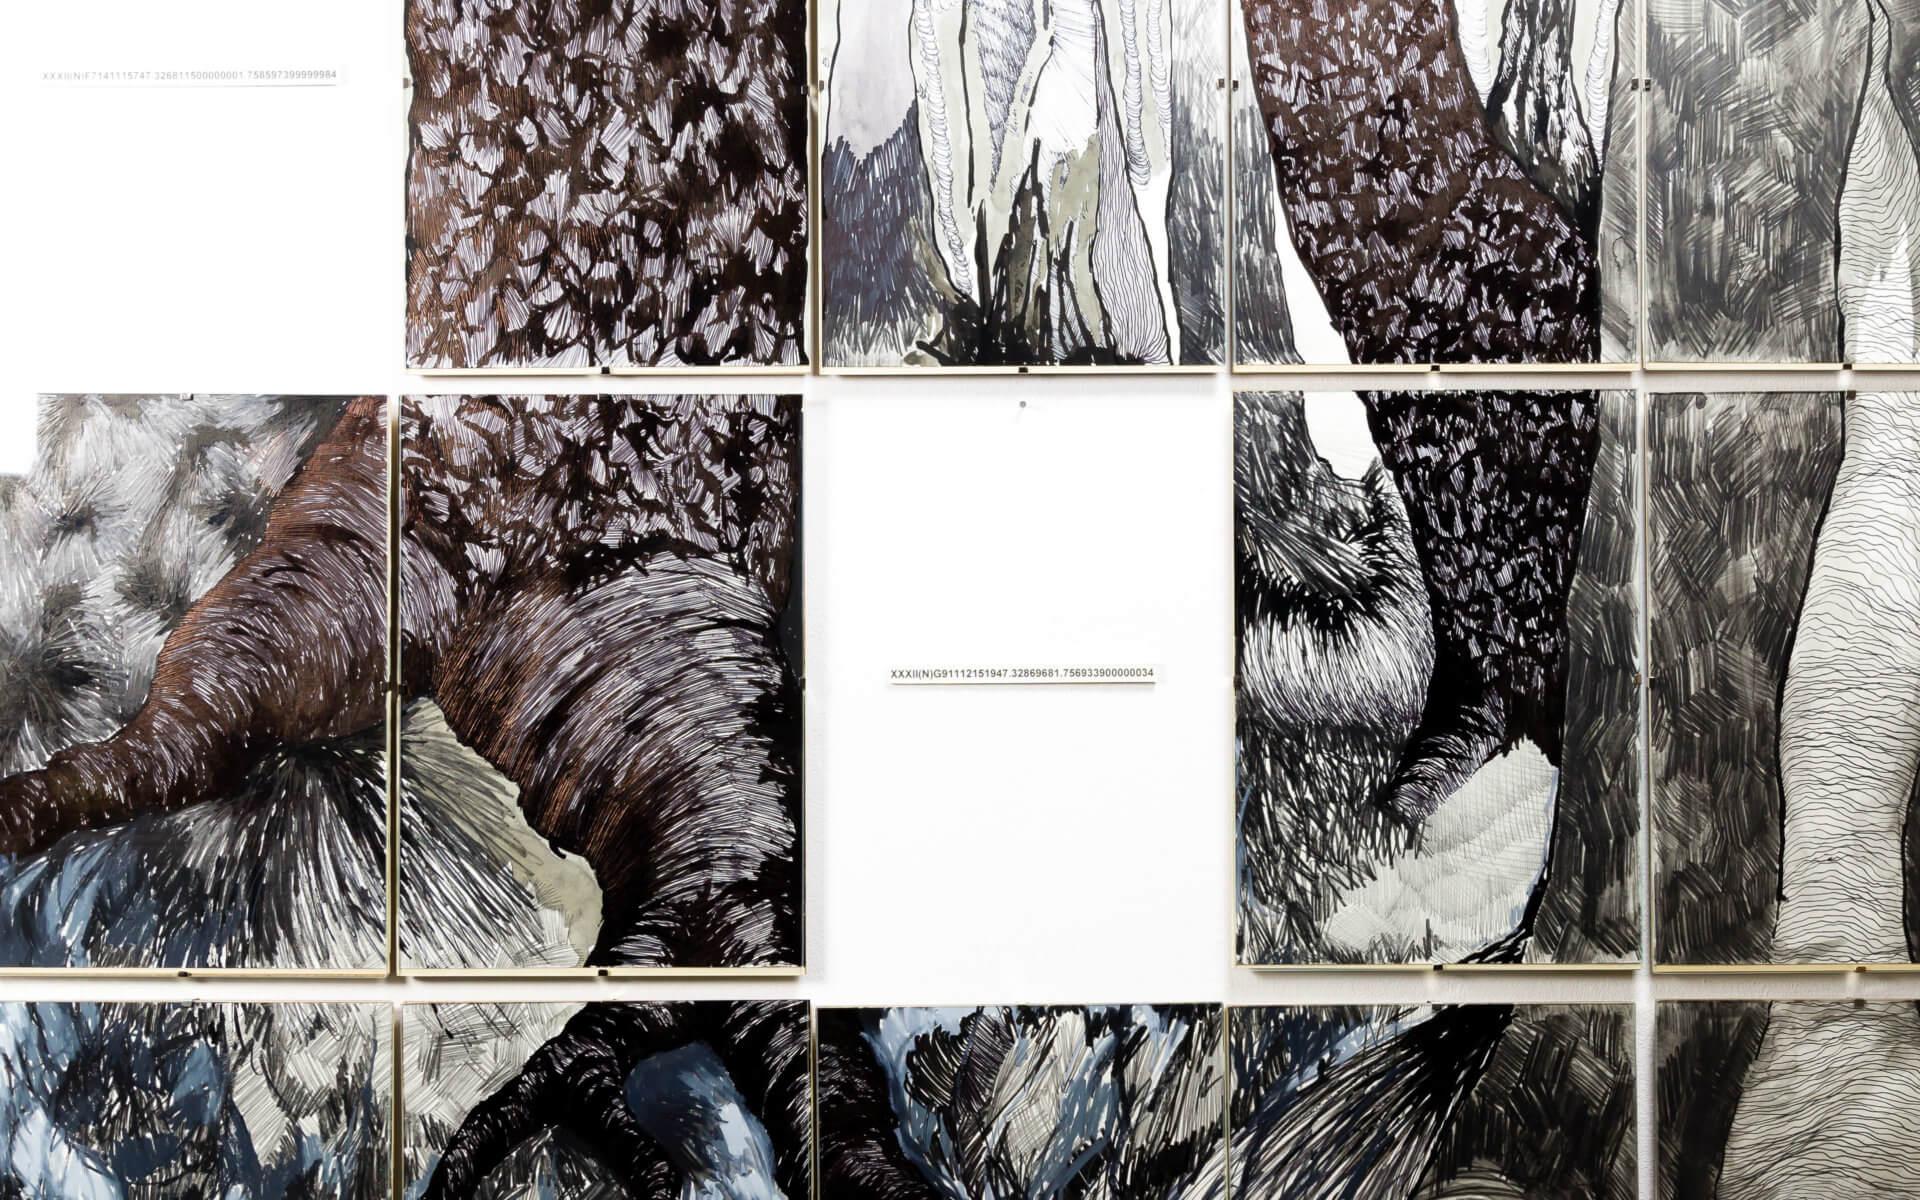 Katharina Albers, Detail: Wald XXXII(N), 2015, Tusche, Graphit, Linolfarbe, Ölfarbe, Fineliner, Gelstift auf Papier, 120 Stück je 30×21 cm, Größe gesamt 297×252 cm